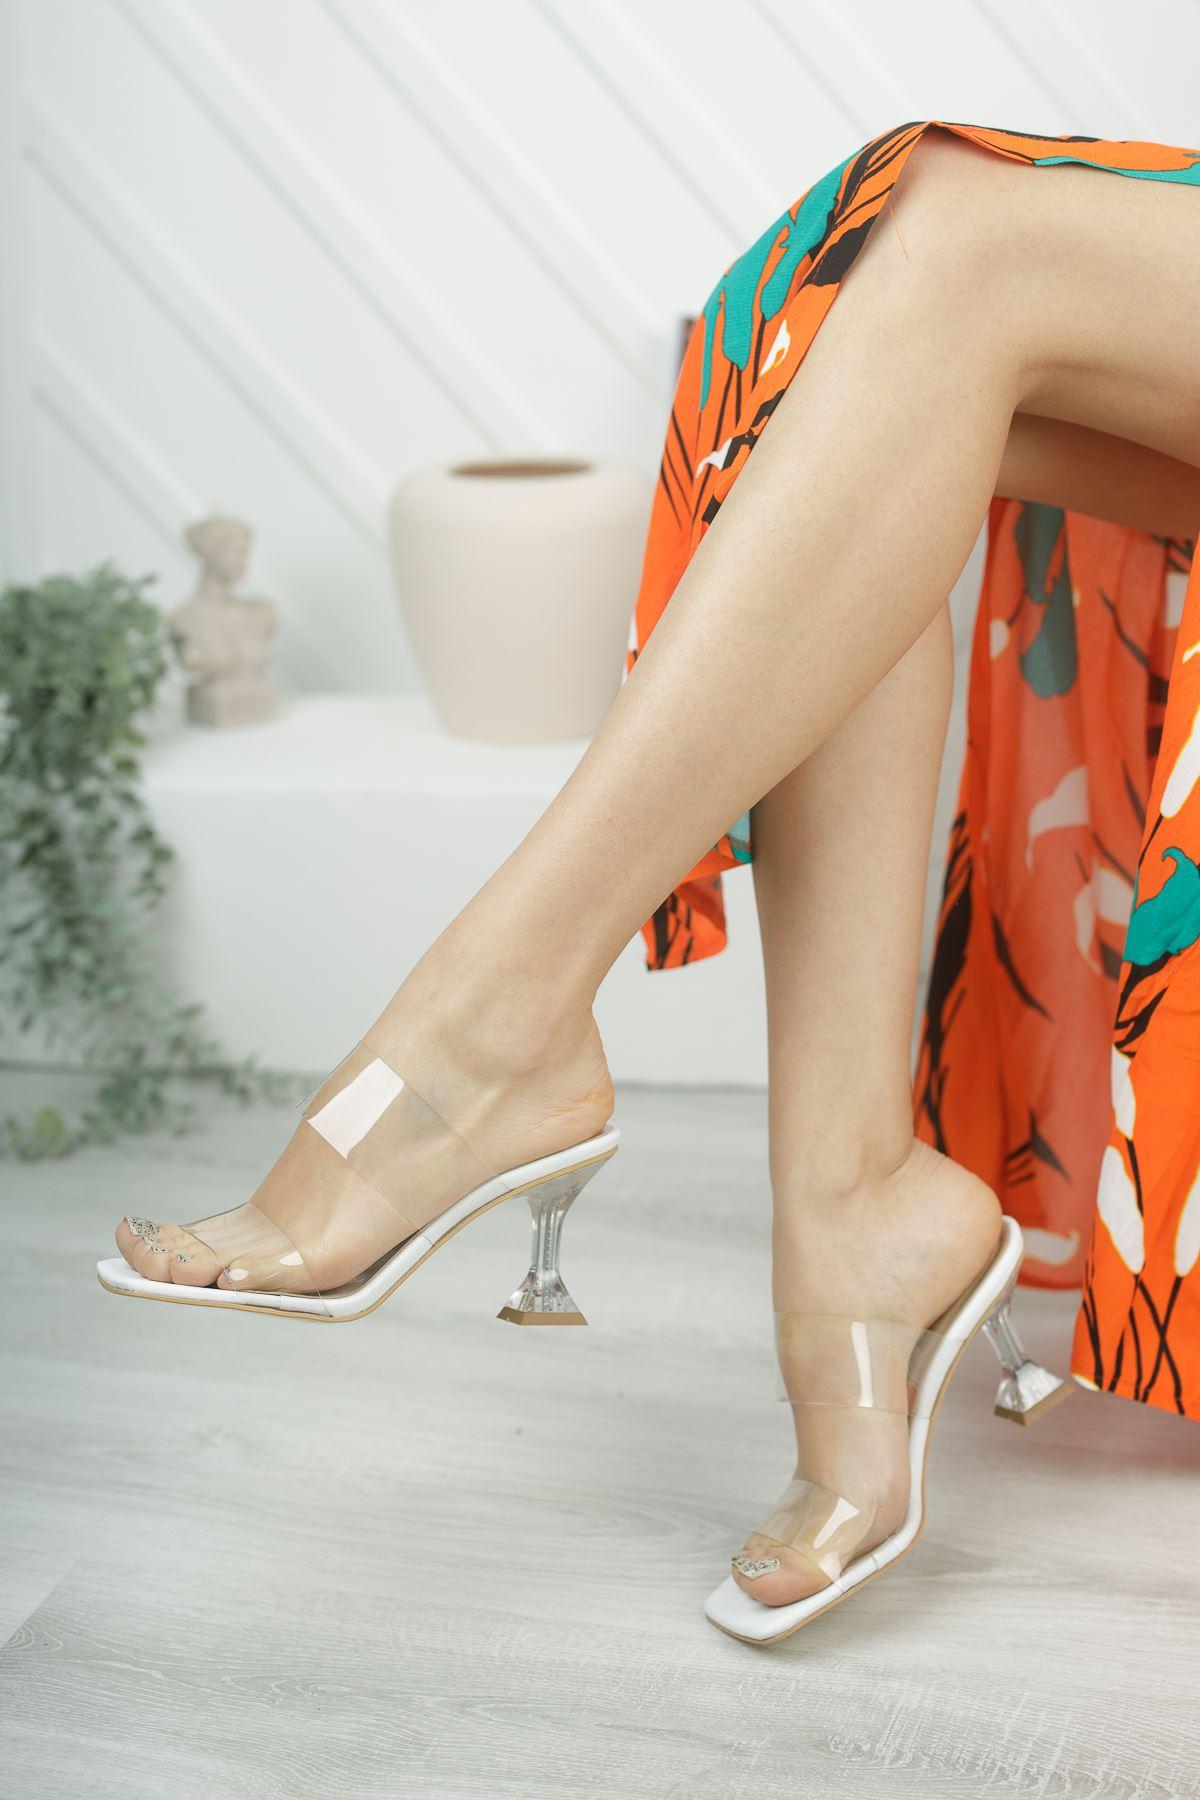 Kadın Runi Kadeh Topuklu Şefaf Bantlı Beyaz Topuklu Terlik